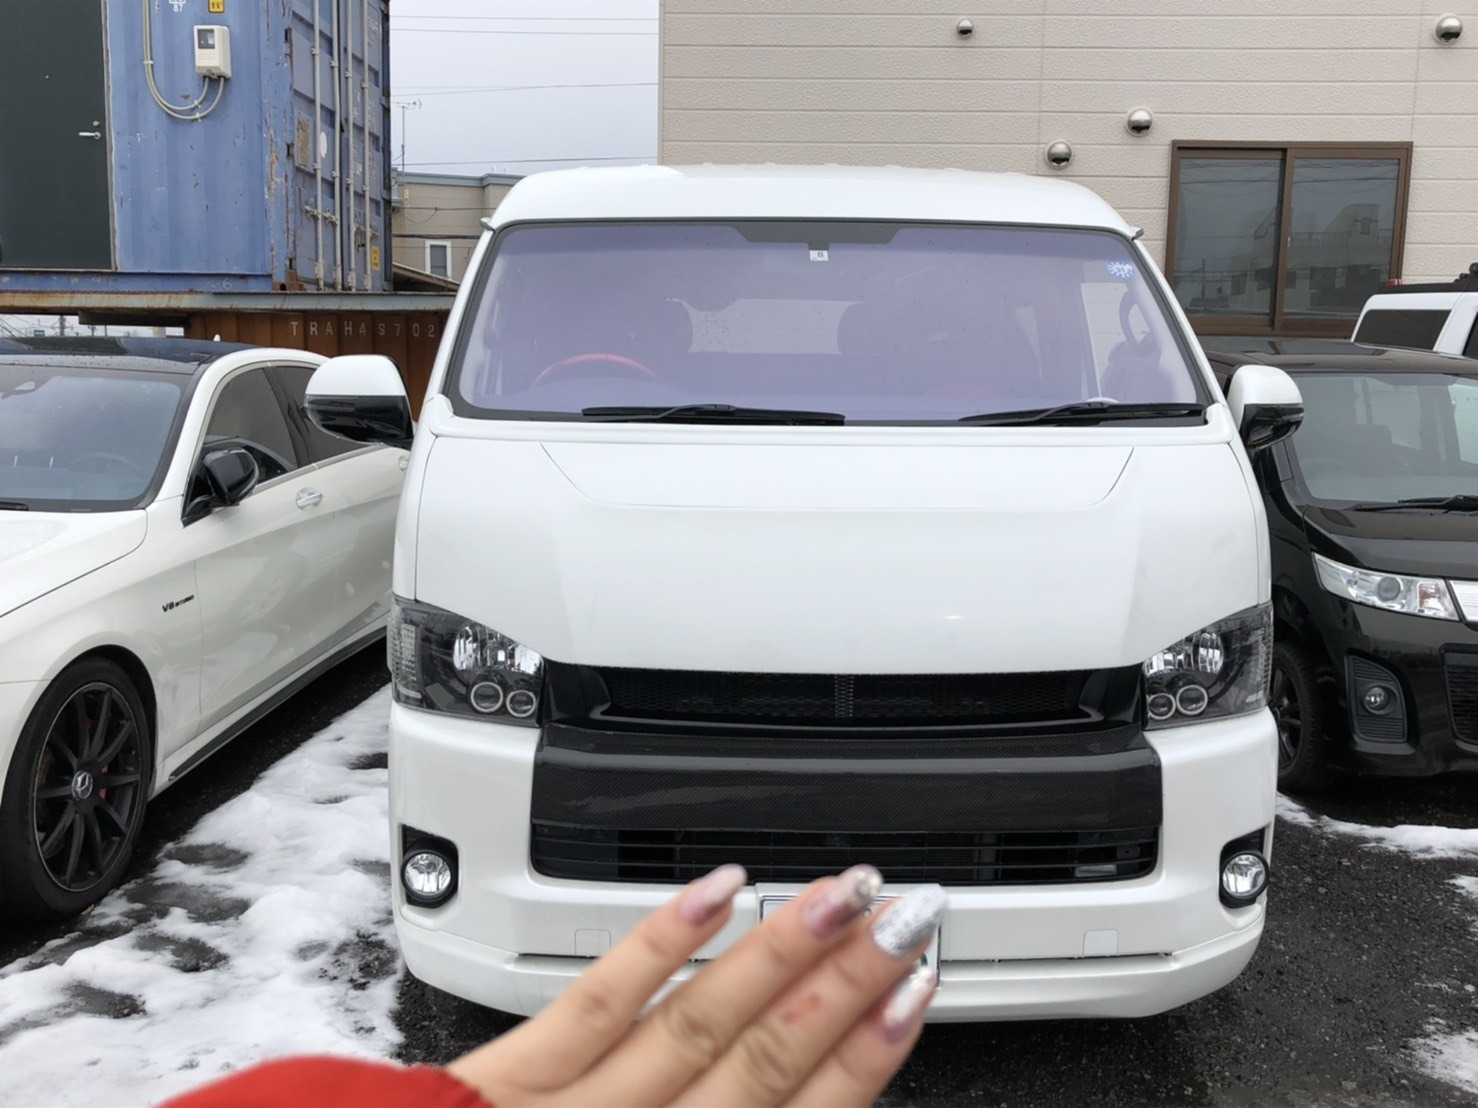 12月17日(火)本店ブログ♪ ハイエースバン 5ドアバン3.0DT スーパーGLロング 4WD_b0127002_17544775.jpg